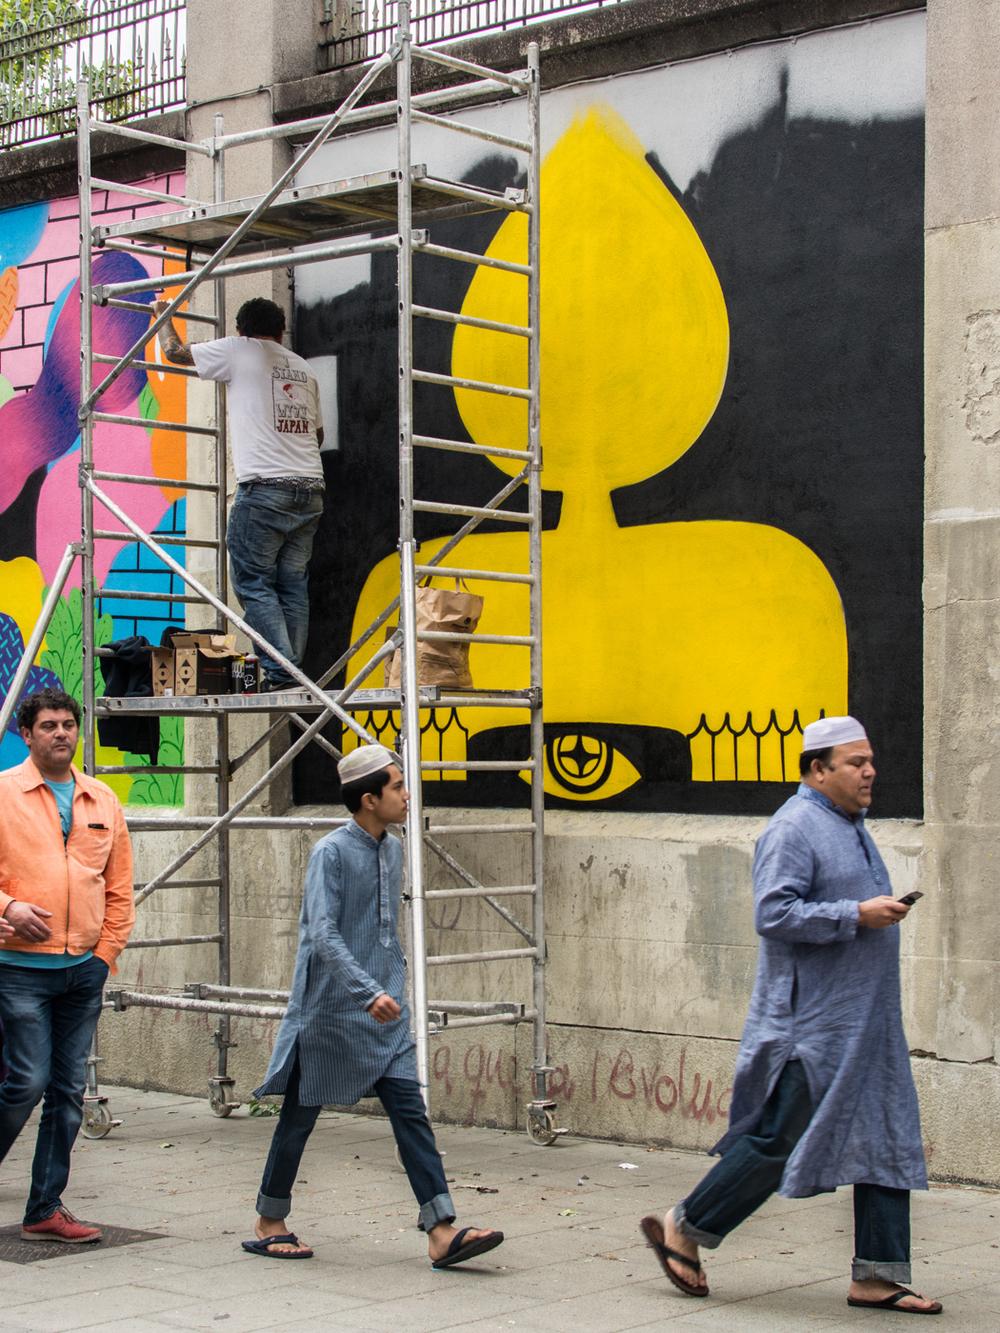 Deno proceso - MurosTabacalera by Guillermo de la Madrid - Madrid Street Art Project -43.jpg